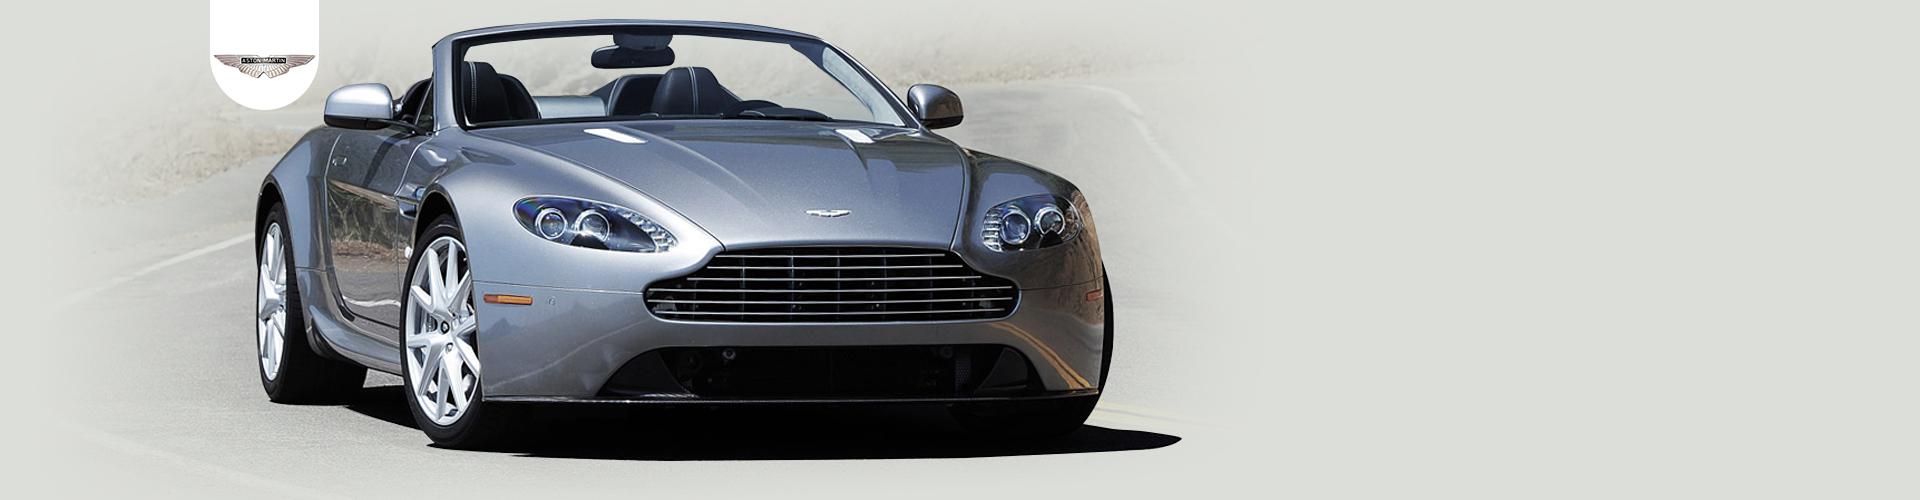 Aston Martin Vantage Roadster Rental Miami I95 Exotics Rentals